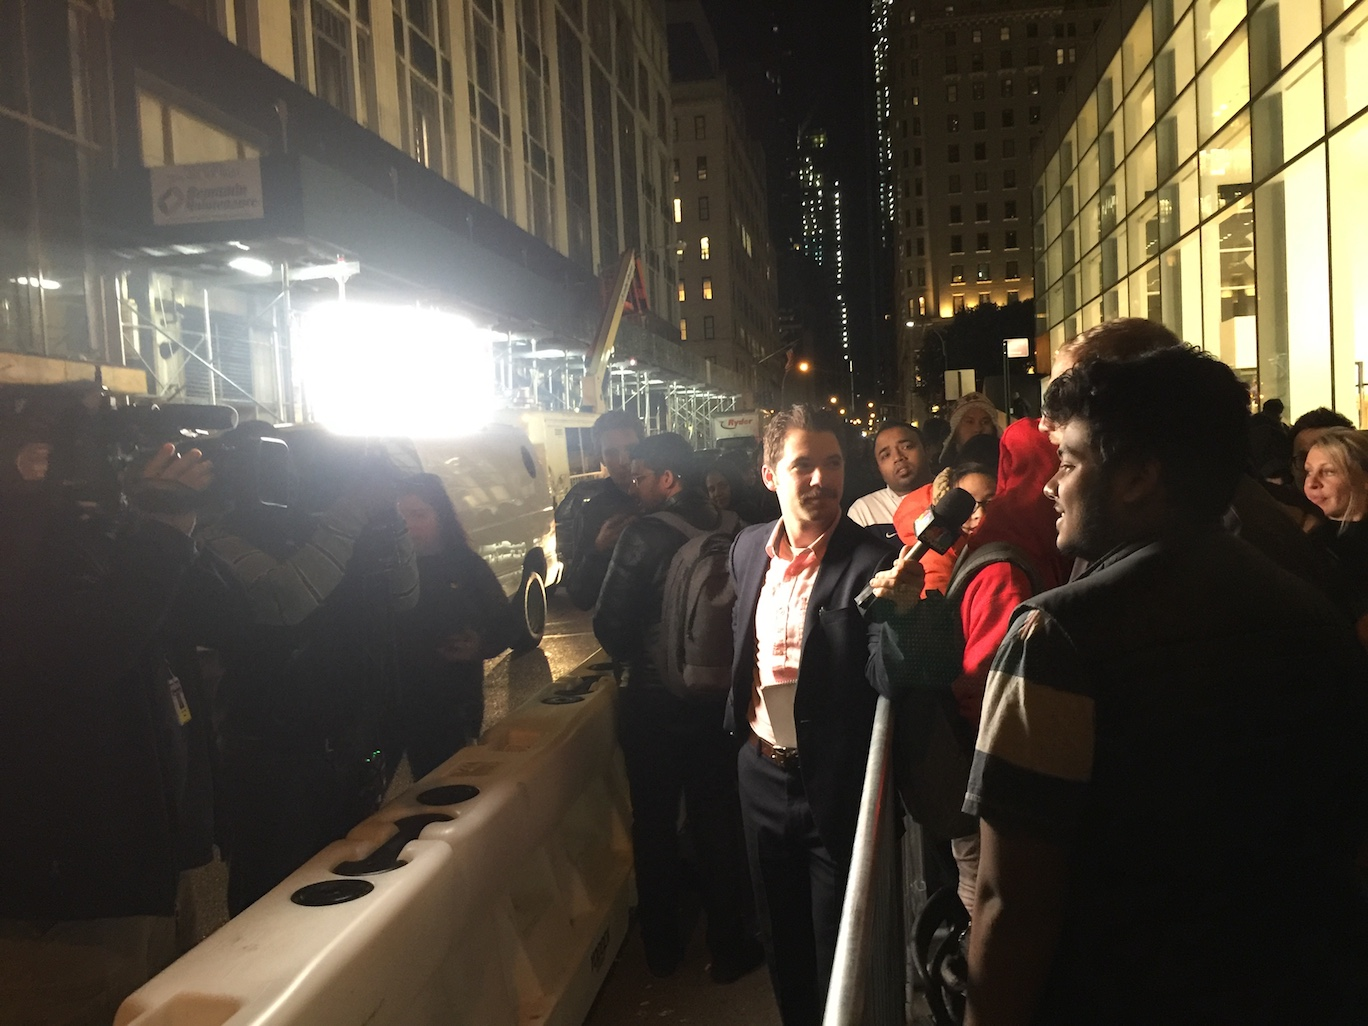 深夜。排队订购 iPhone X 的热情粉丝正在接受采访。